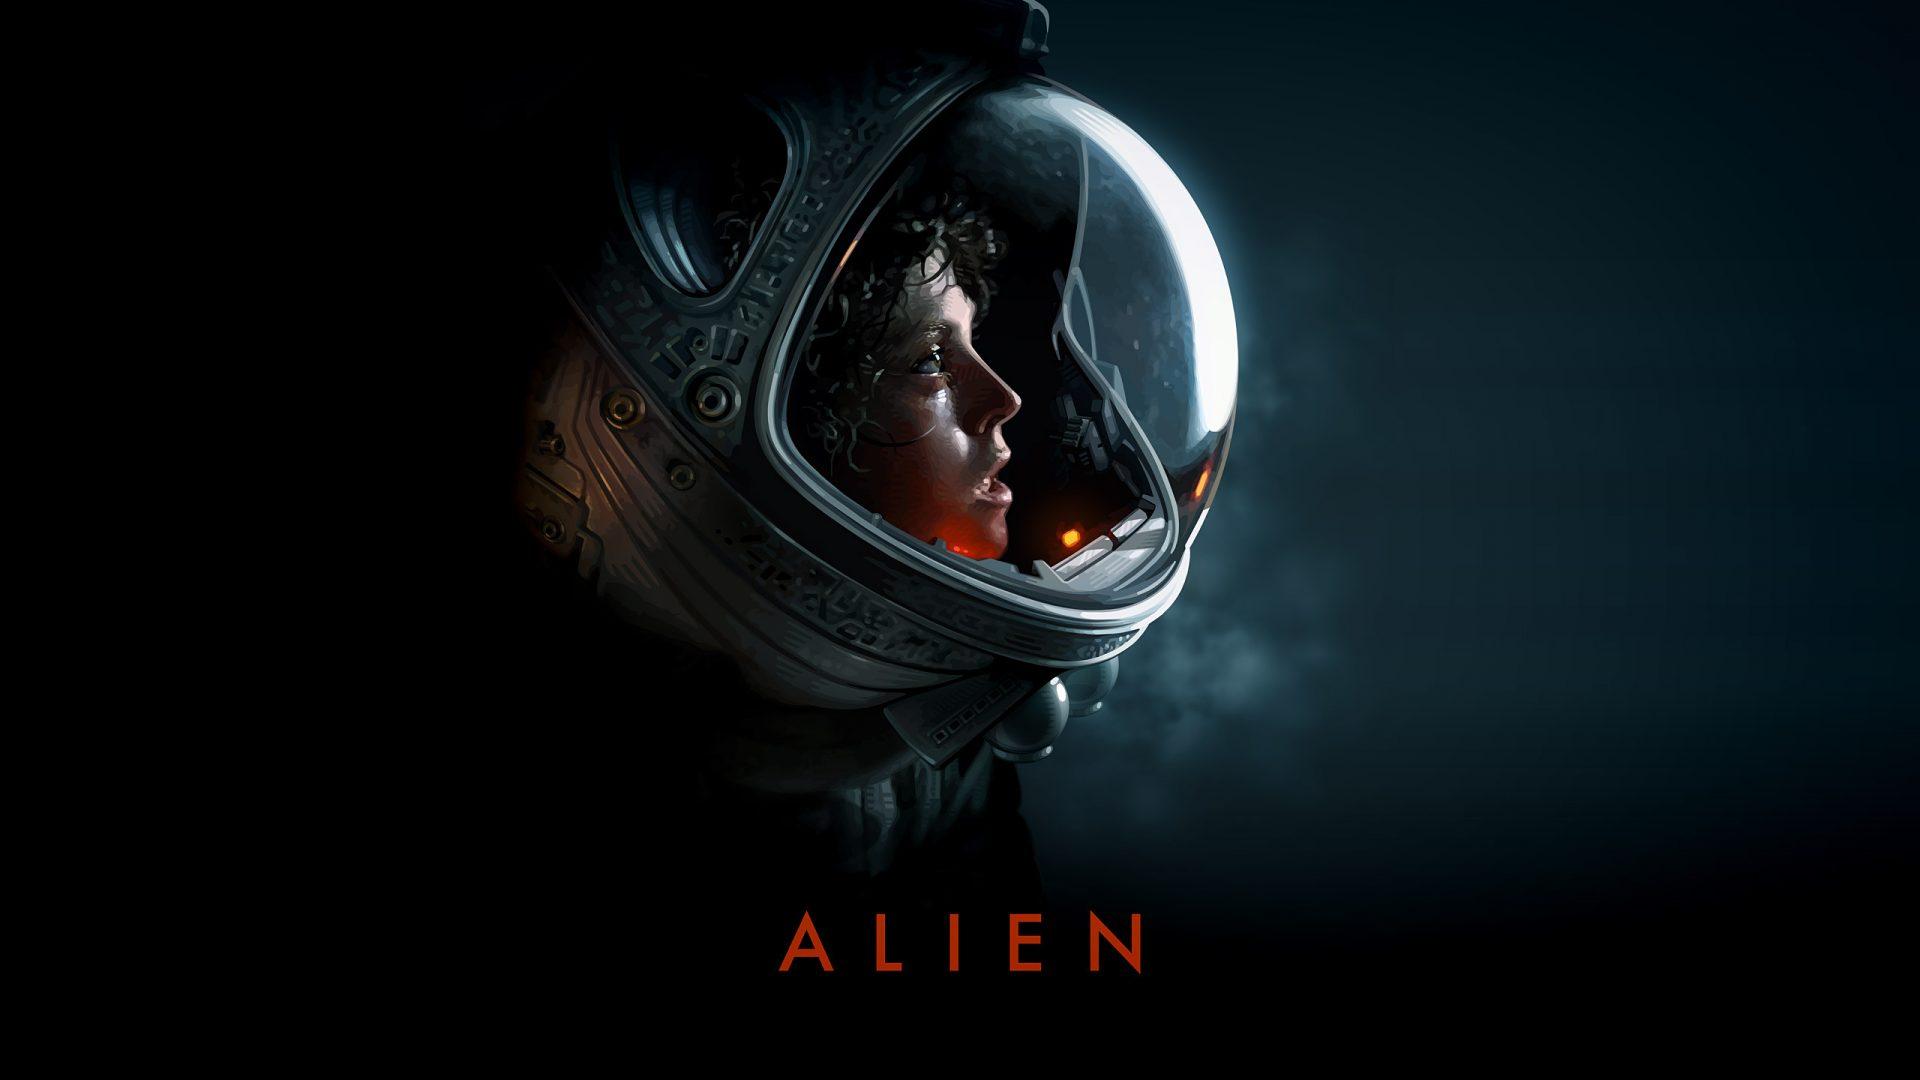 Alien  1979  Ripley In Spacesuit Hd Wallpaper